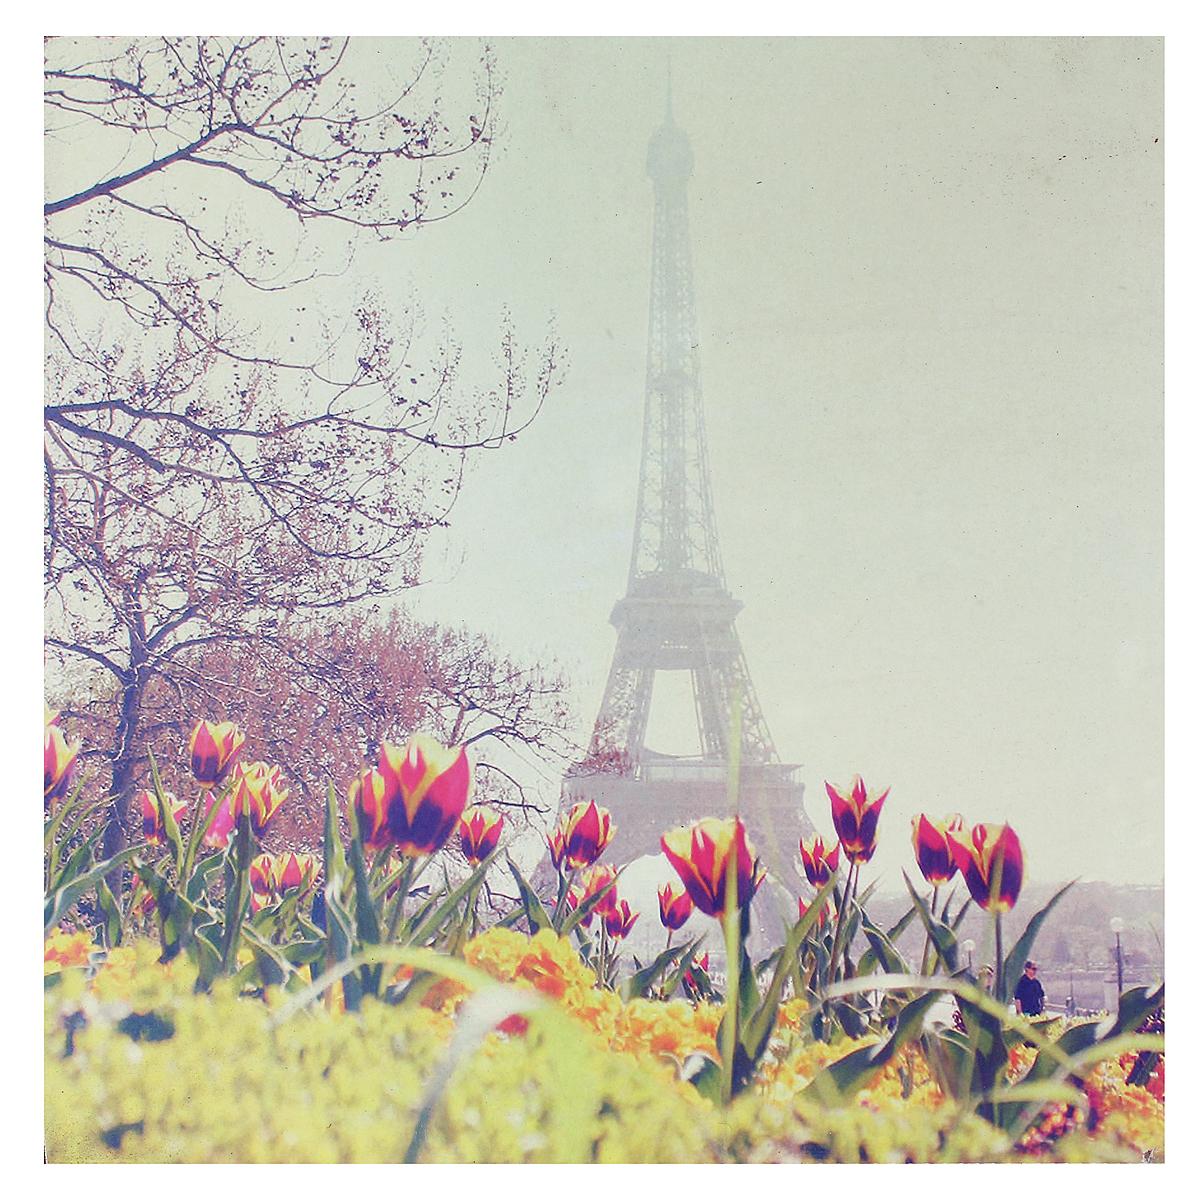 Картина-репродукция Париж, без рамки, 30 см х 30 см. 3600436004Картина-репродукция Париж, выполненная из МДФ масляной печатью с ручной подрисовкой, дополнит интерьер любого помещения, а также может стать изысканным подарком для ваших друзей и близких. На картине изображены тюльпаны и Эйфелева башня. Благодаря оригинальному дизайну картина может использоваться для оформления любых интерьеров: гостиной, спальни, кухни, прихожей, детской или офиса. Обратная сторона картины оснащена отверстием для подвешивания на стену. Такая картина - вдохновляющее декоративное решение, привносящее в интерьер нотки творчества и изысканности!